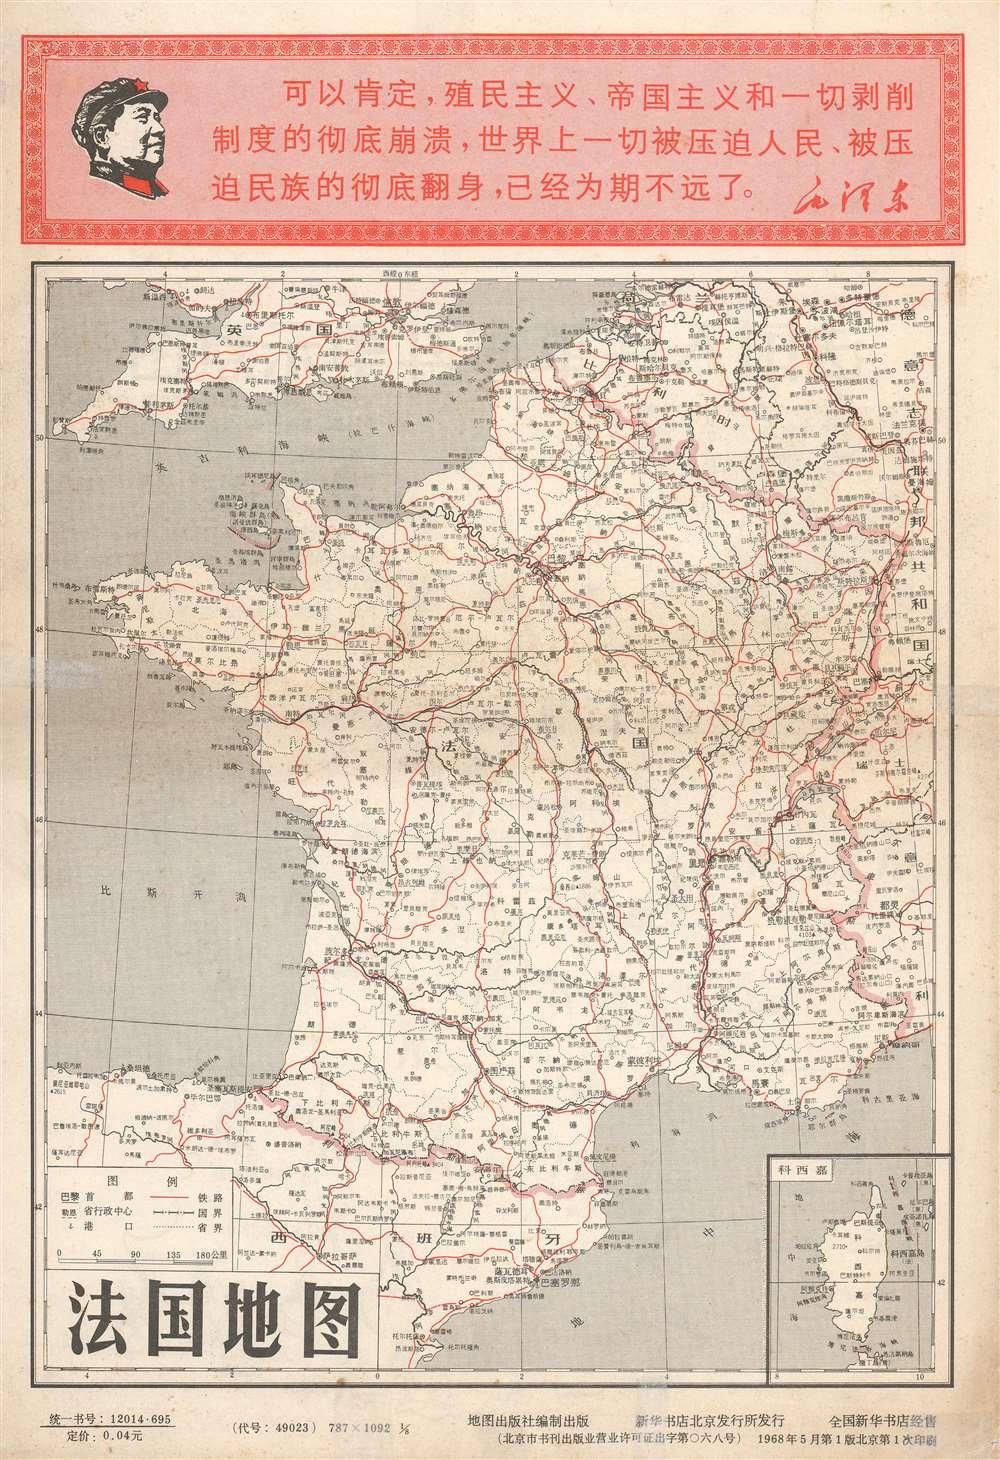 法国人民革命斗争示意图 / Sketch of the Revolutionary Struggle of the French People.  法国地图 / Map of France. - Alternate View 1